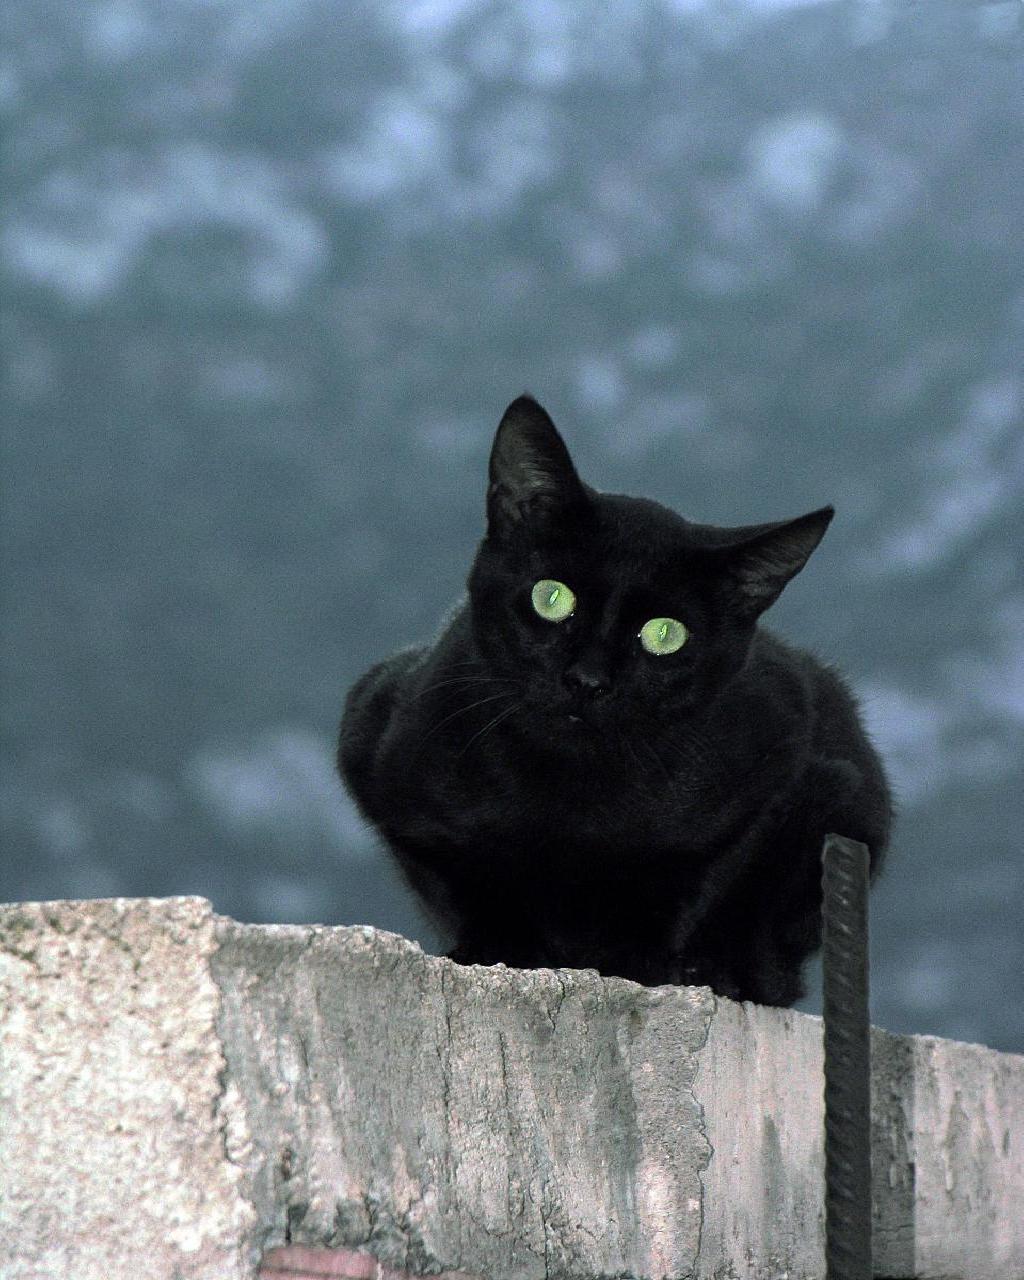 Mira que echarle la culpa de la mala suerte a un gato negro, con lo bonito que es.